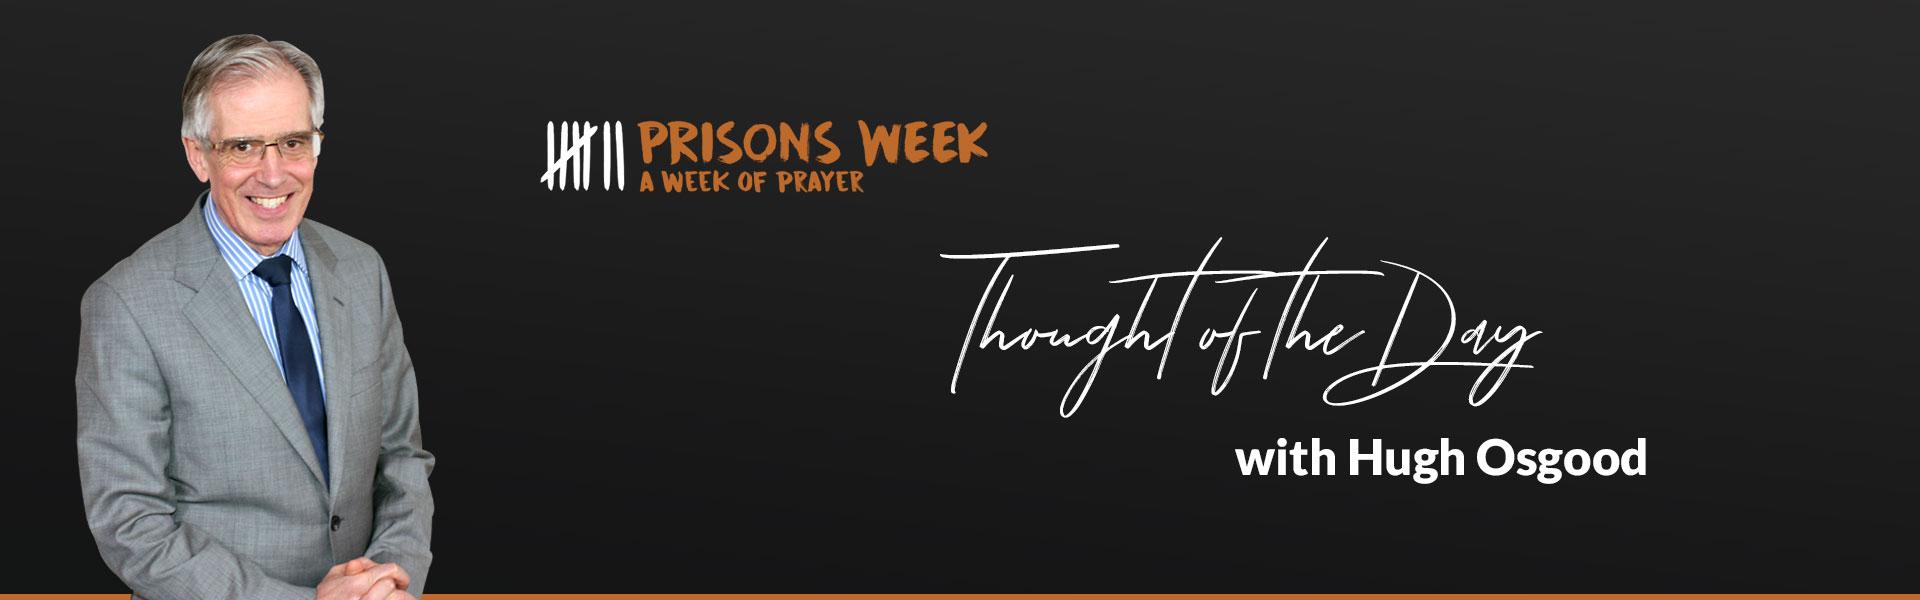 Prisons-Week-Graphic.jpg